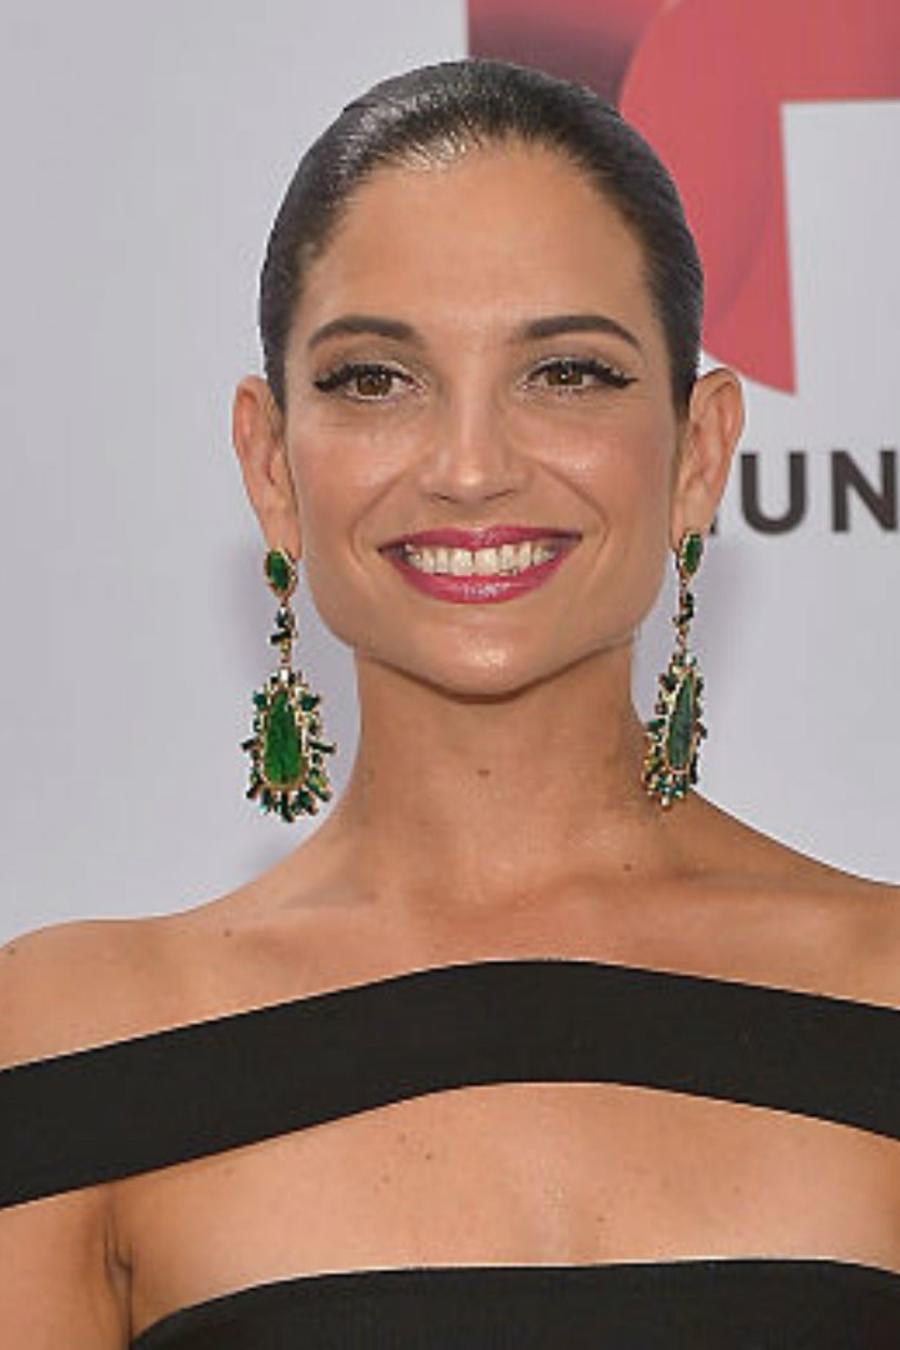 Natalia Jiménez sonriendo a la cámara